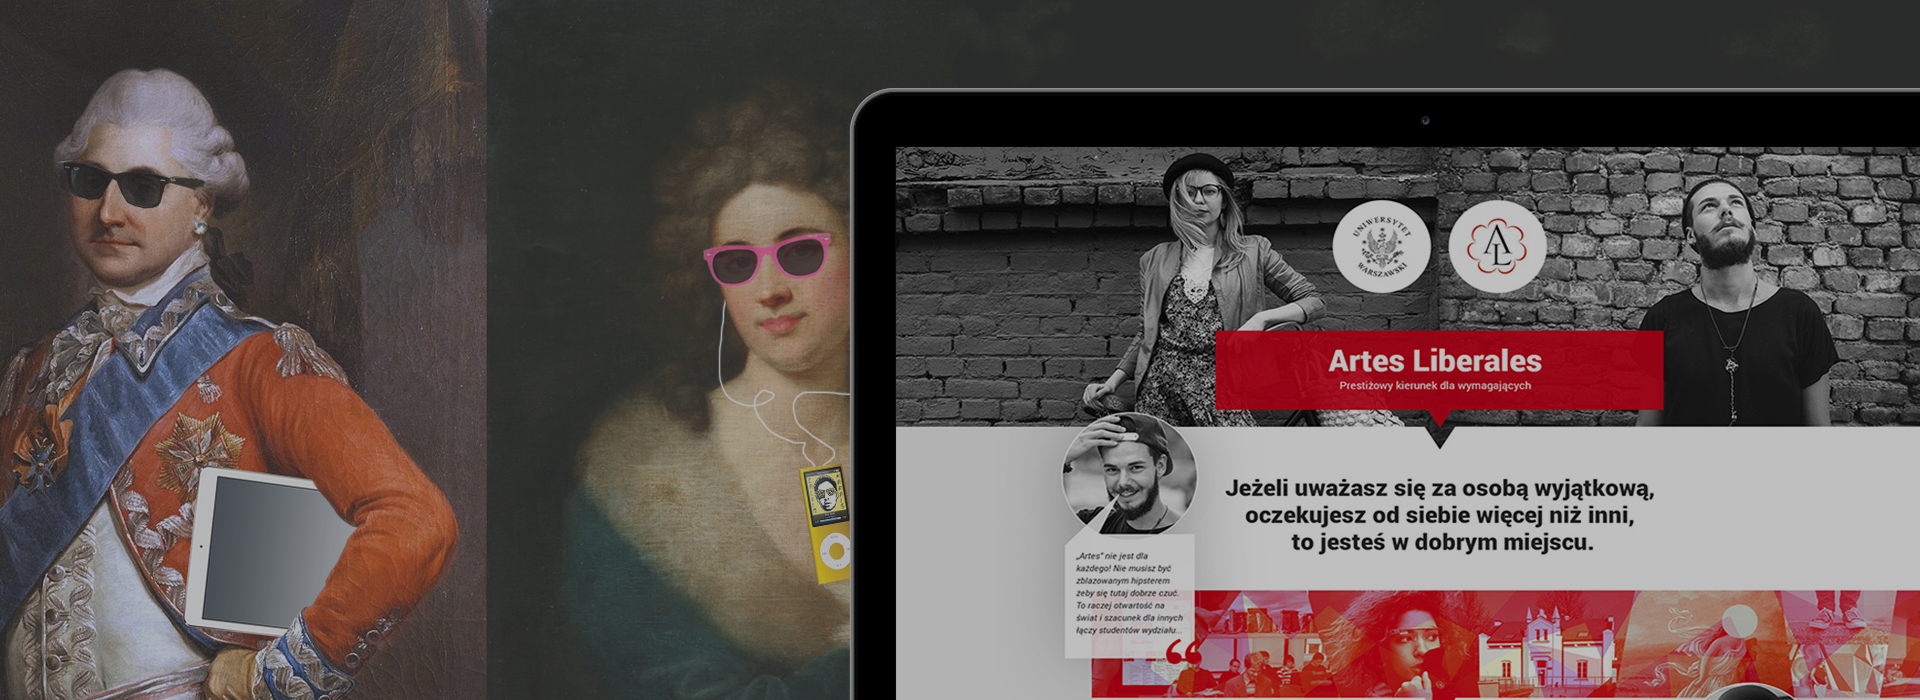 Kampania rekrutacyjna na wydziale Colegium Artes Liberales na Uniwersytecie Warszawskim.